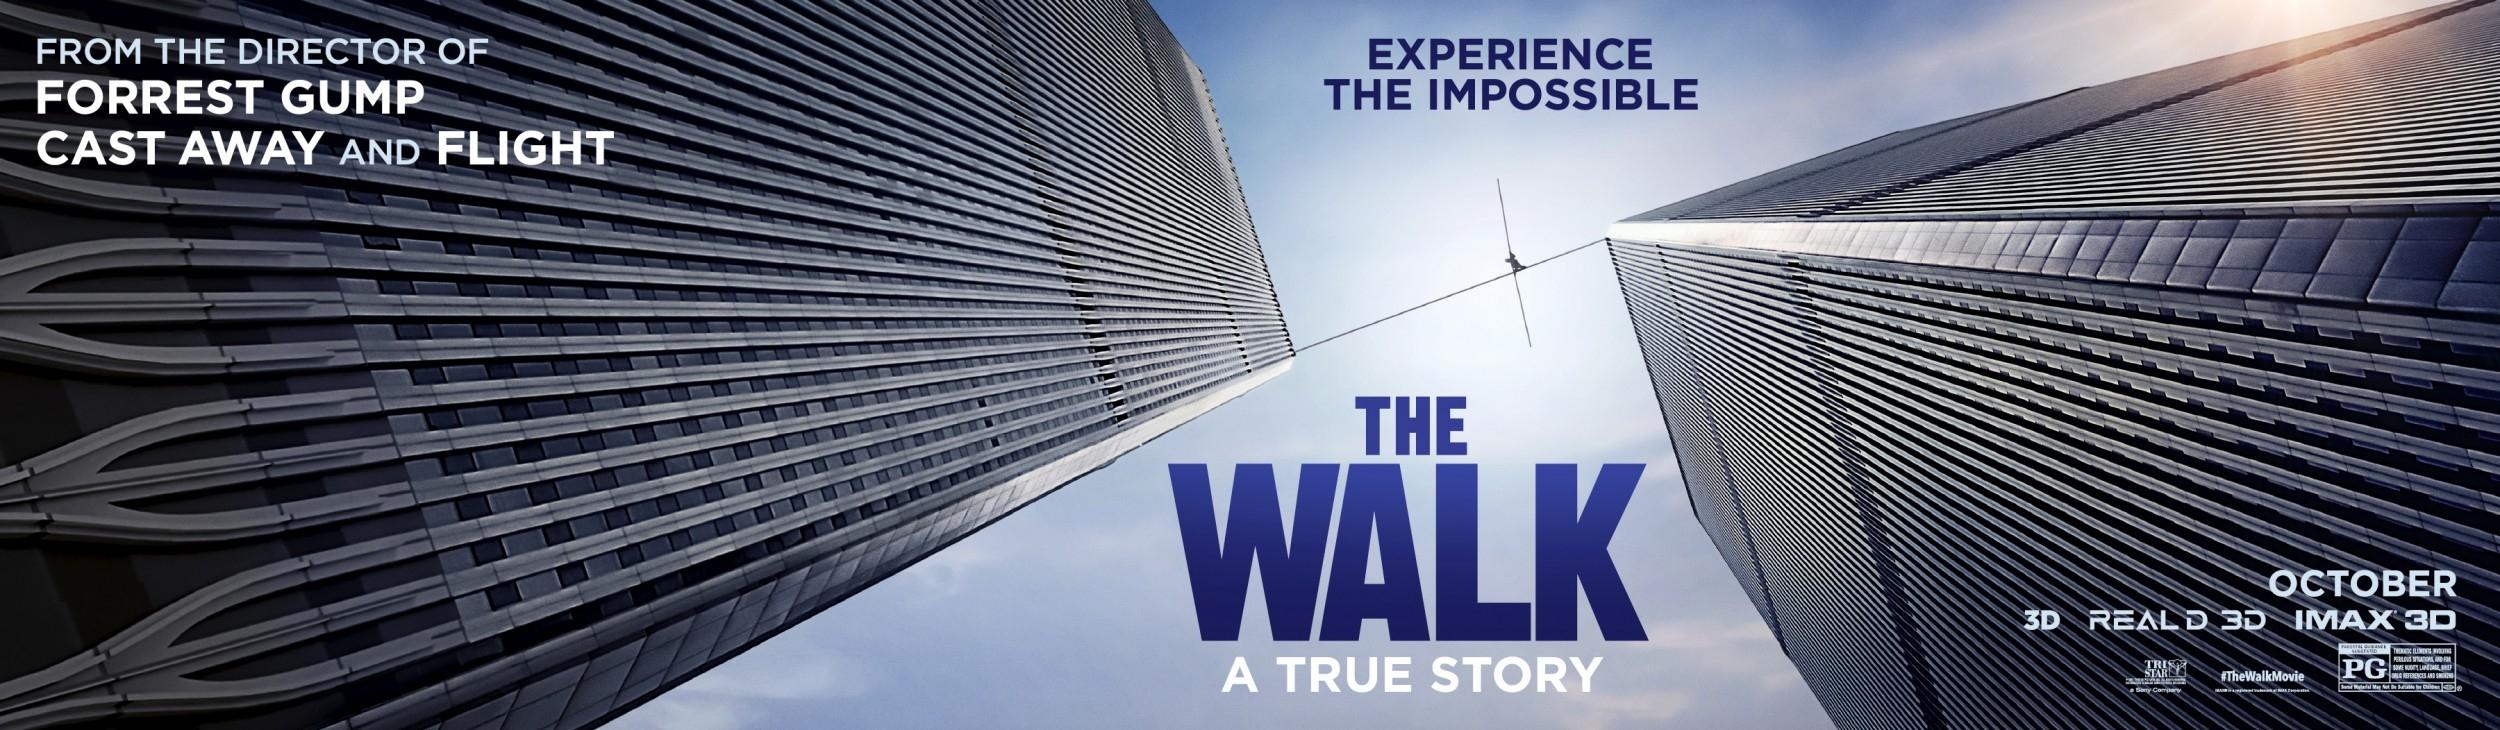 thewalk_p4_n.jpg